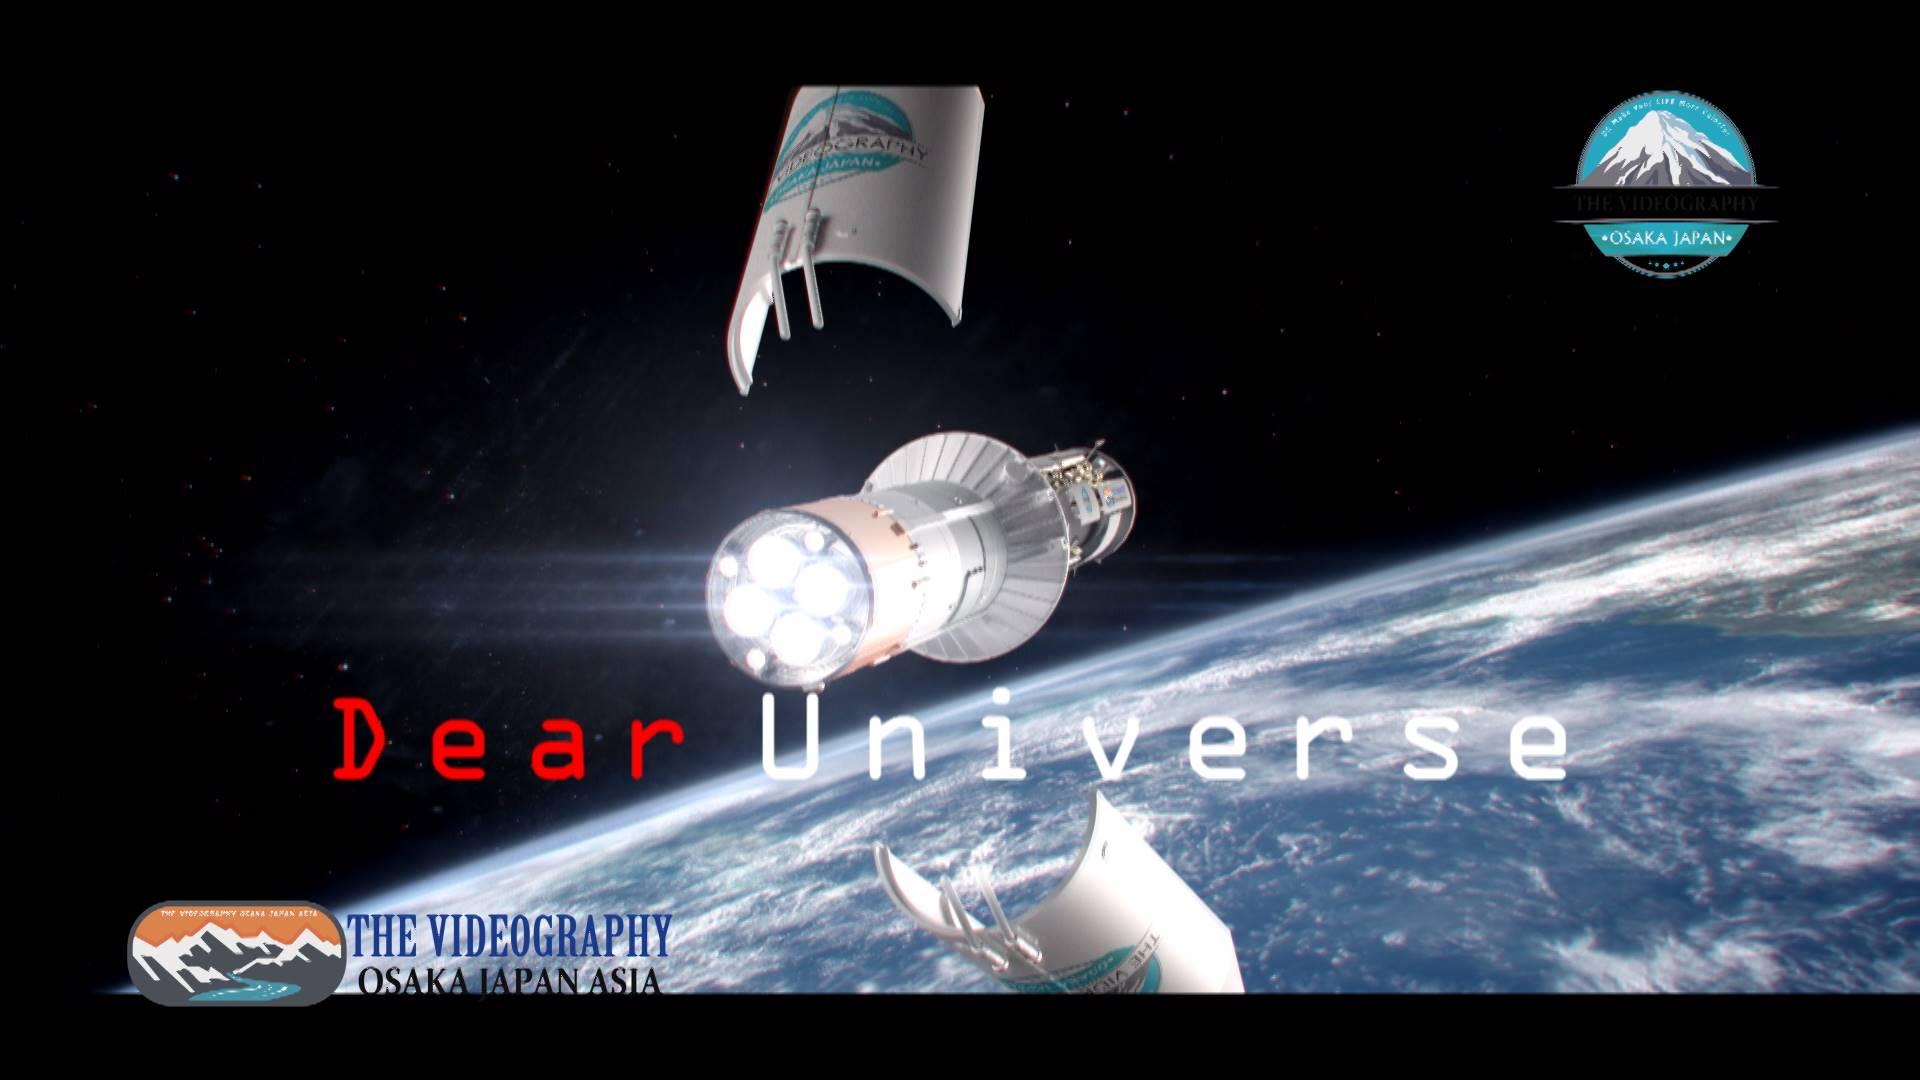 宇宙ビジネスの為の映像制作・ISS 国際宇宙ステーション 宇宙ビジネスの動画編集サービス